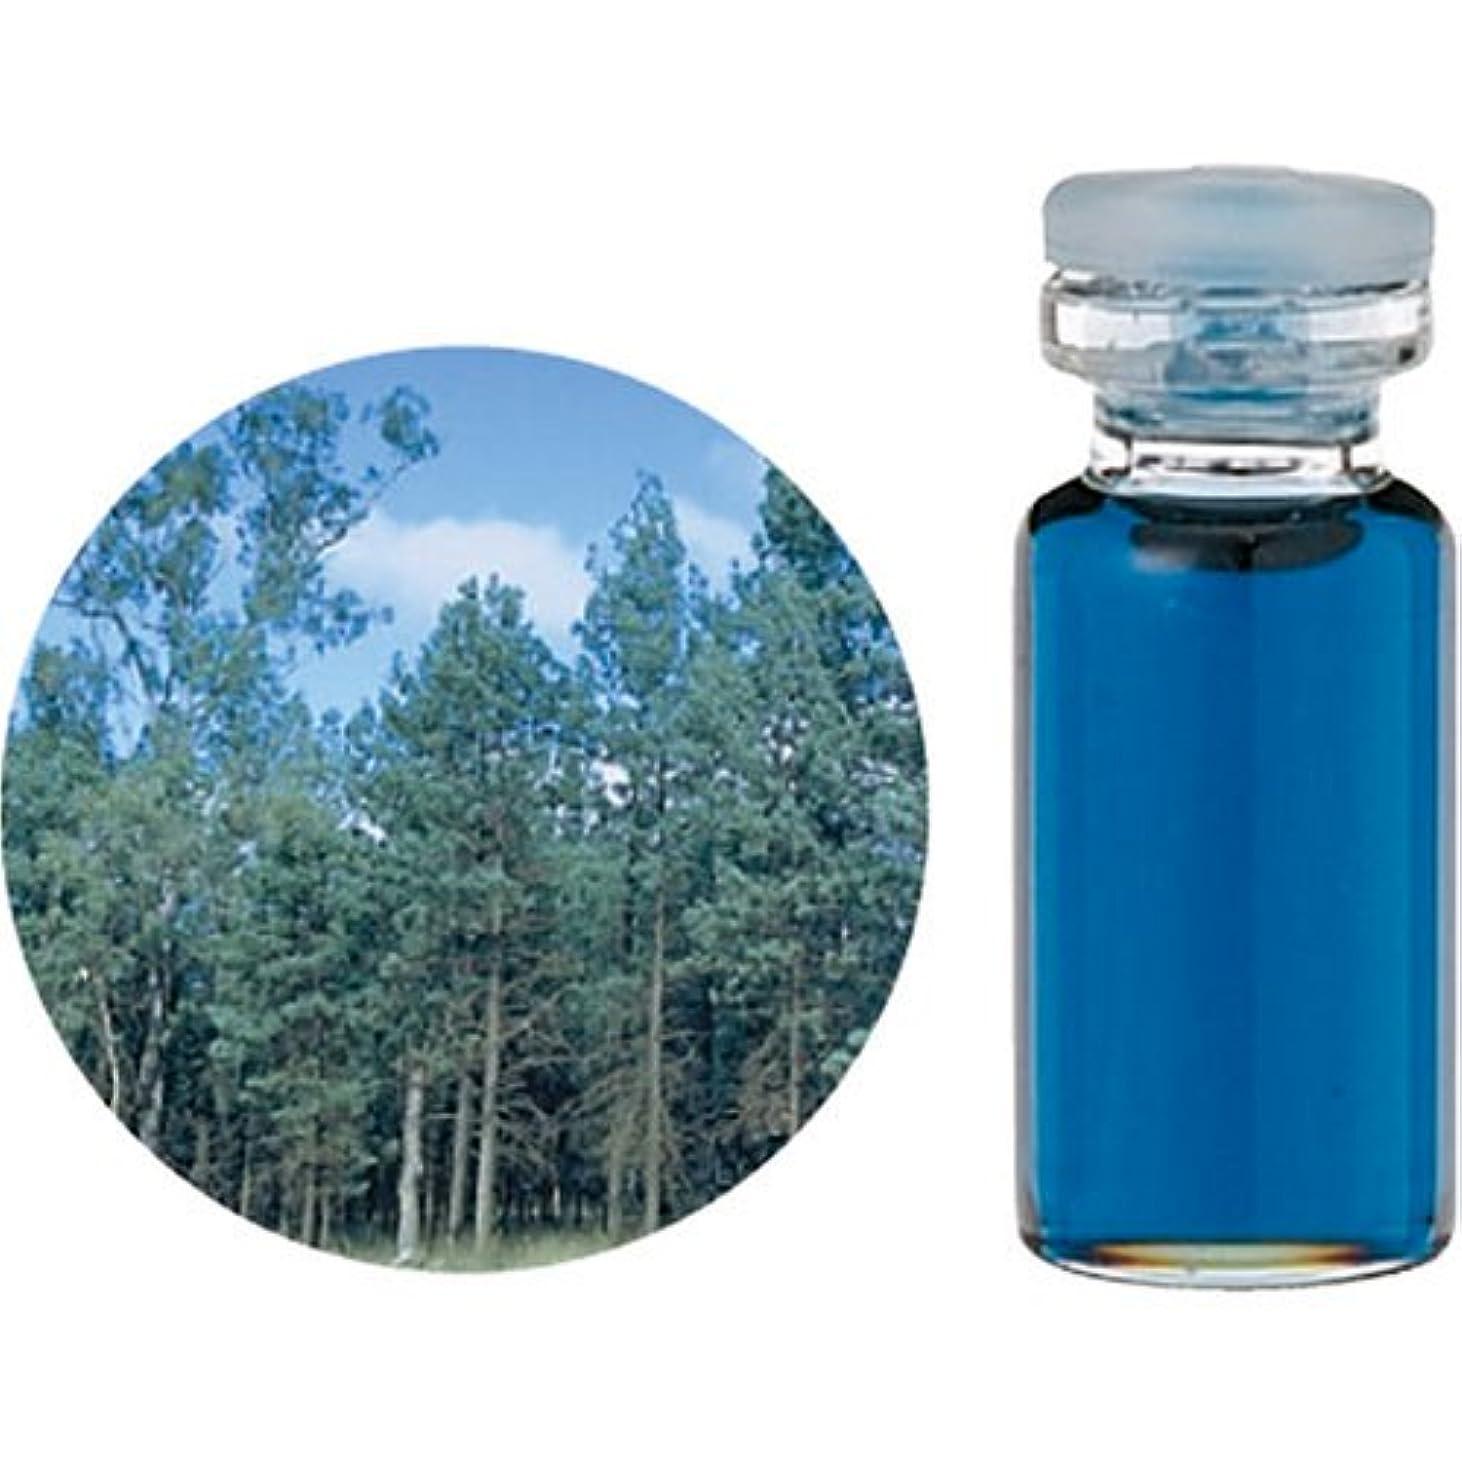 スイッチ波溶接生活の木 C ブルー サイプレス エッセンシャルオイル 10ml